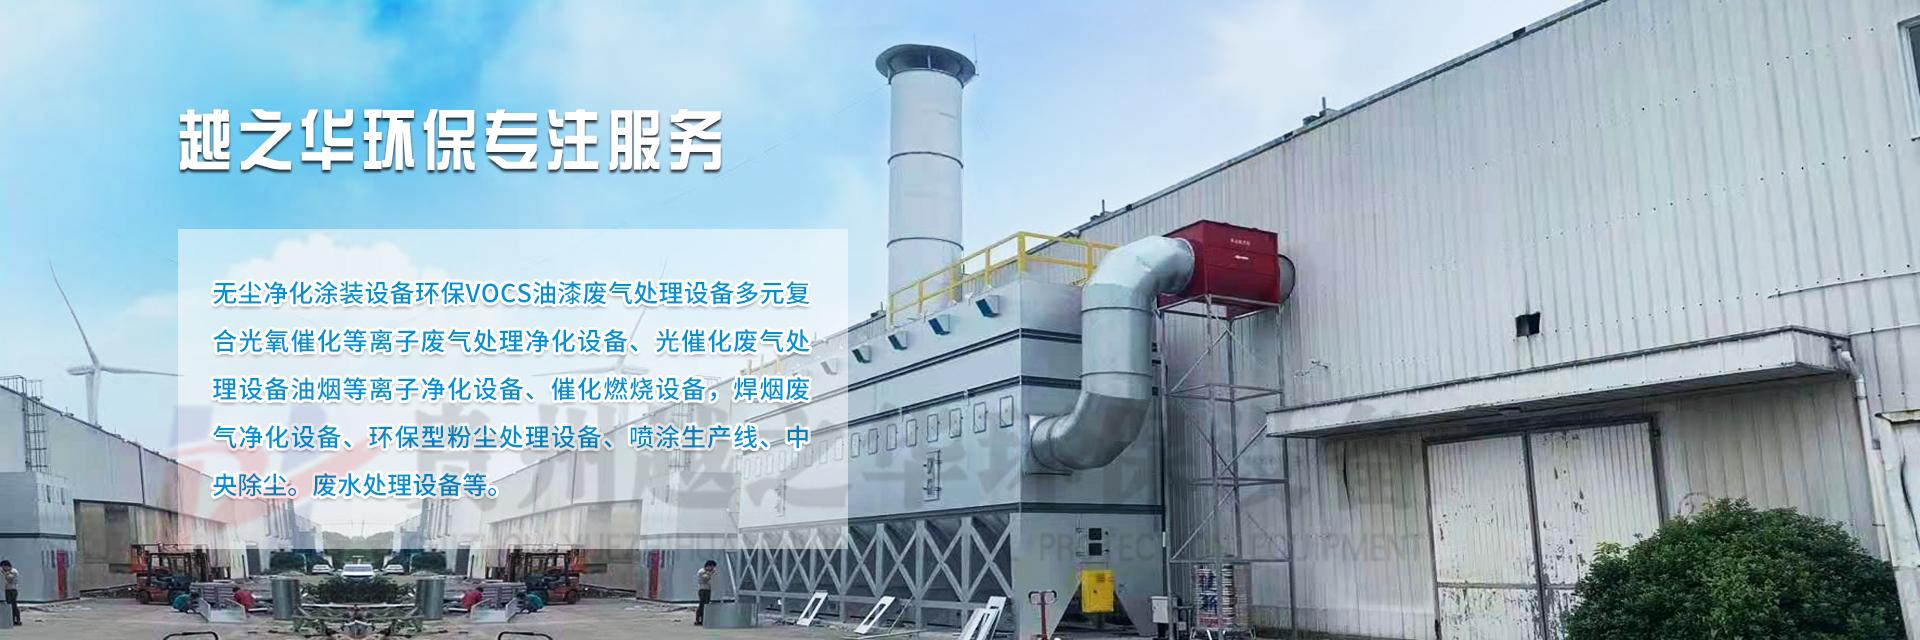 贵州废气处理设备